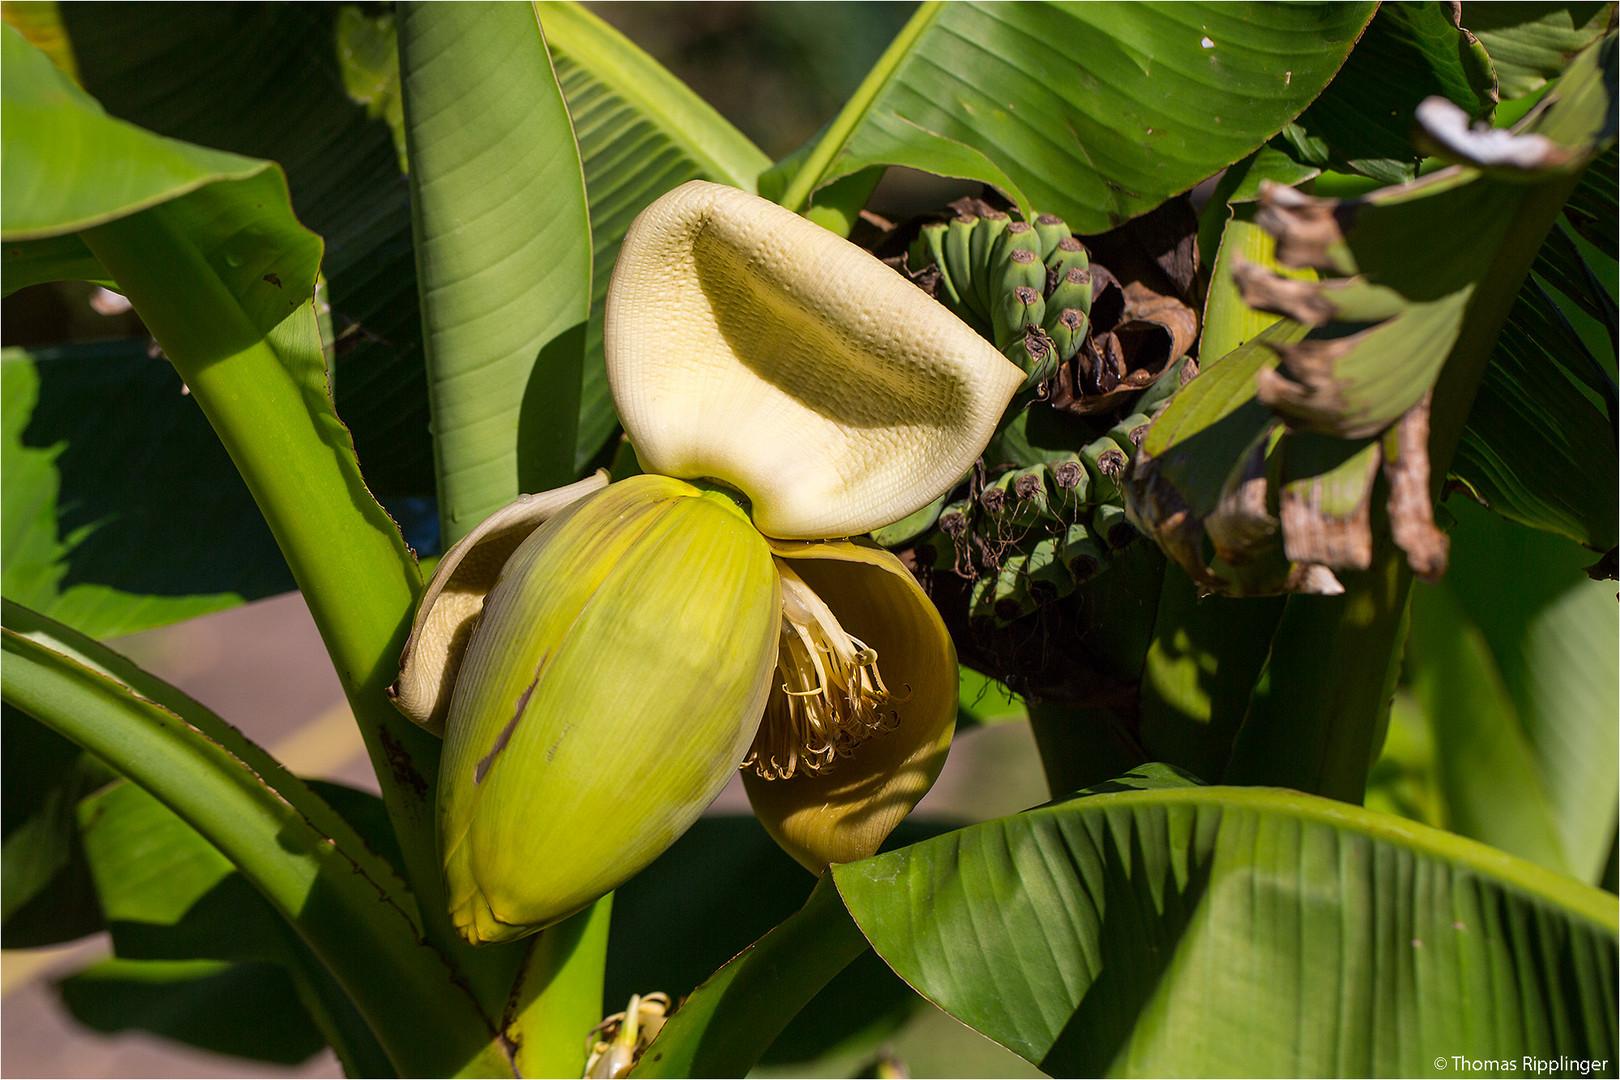 Japanische Faser-Banane (Musa basjoo).